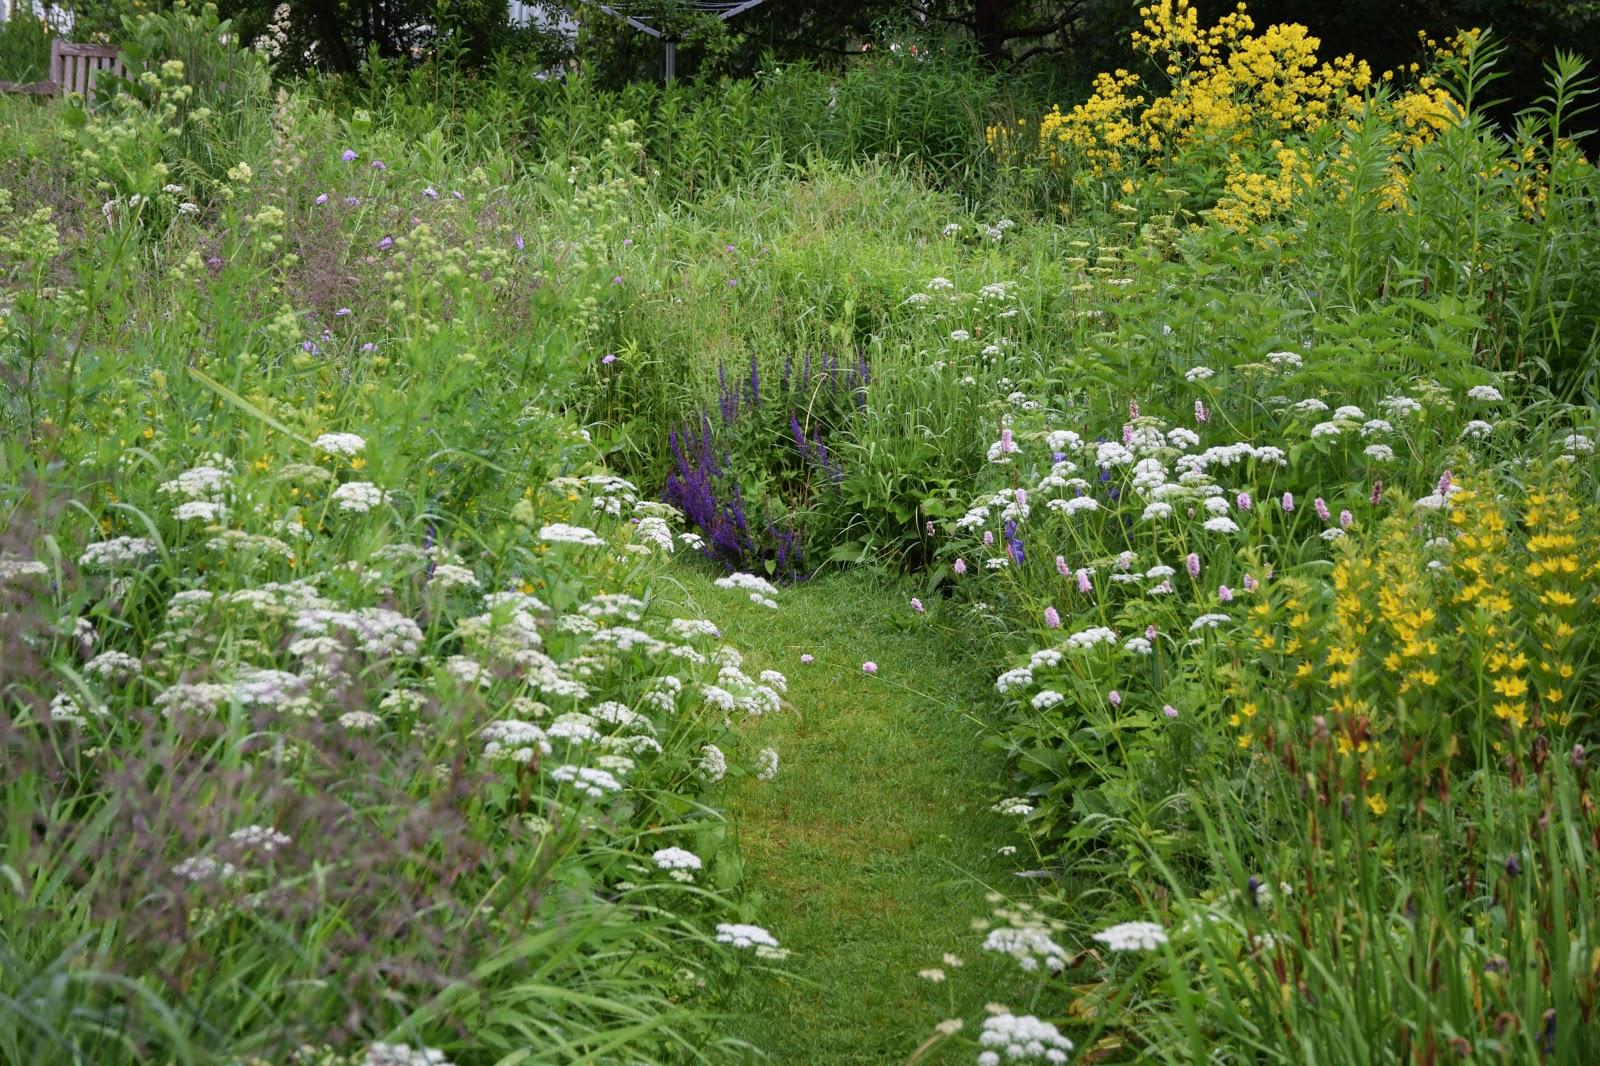 Wunderschön Alternative Zu Rasen Das Beste Von Dass Es Eine Zum Geschorenen Und Pflegeintensiven